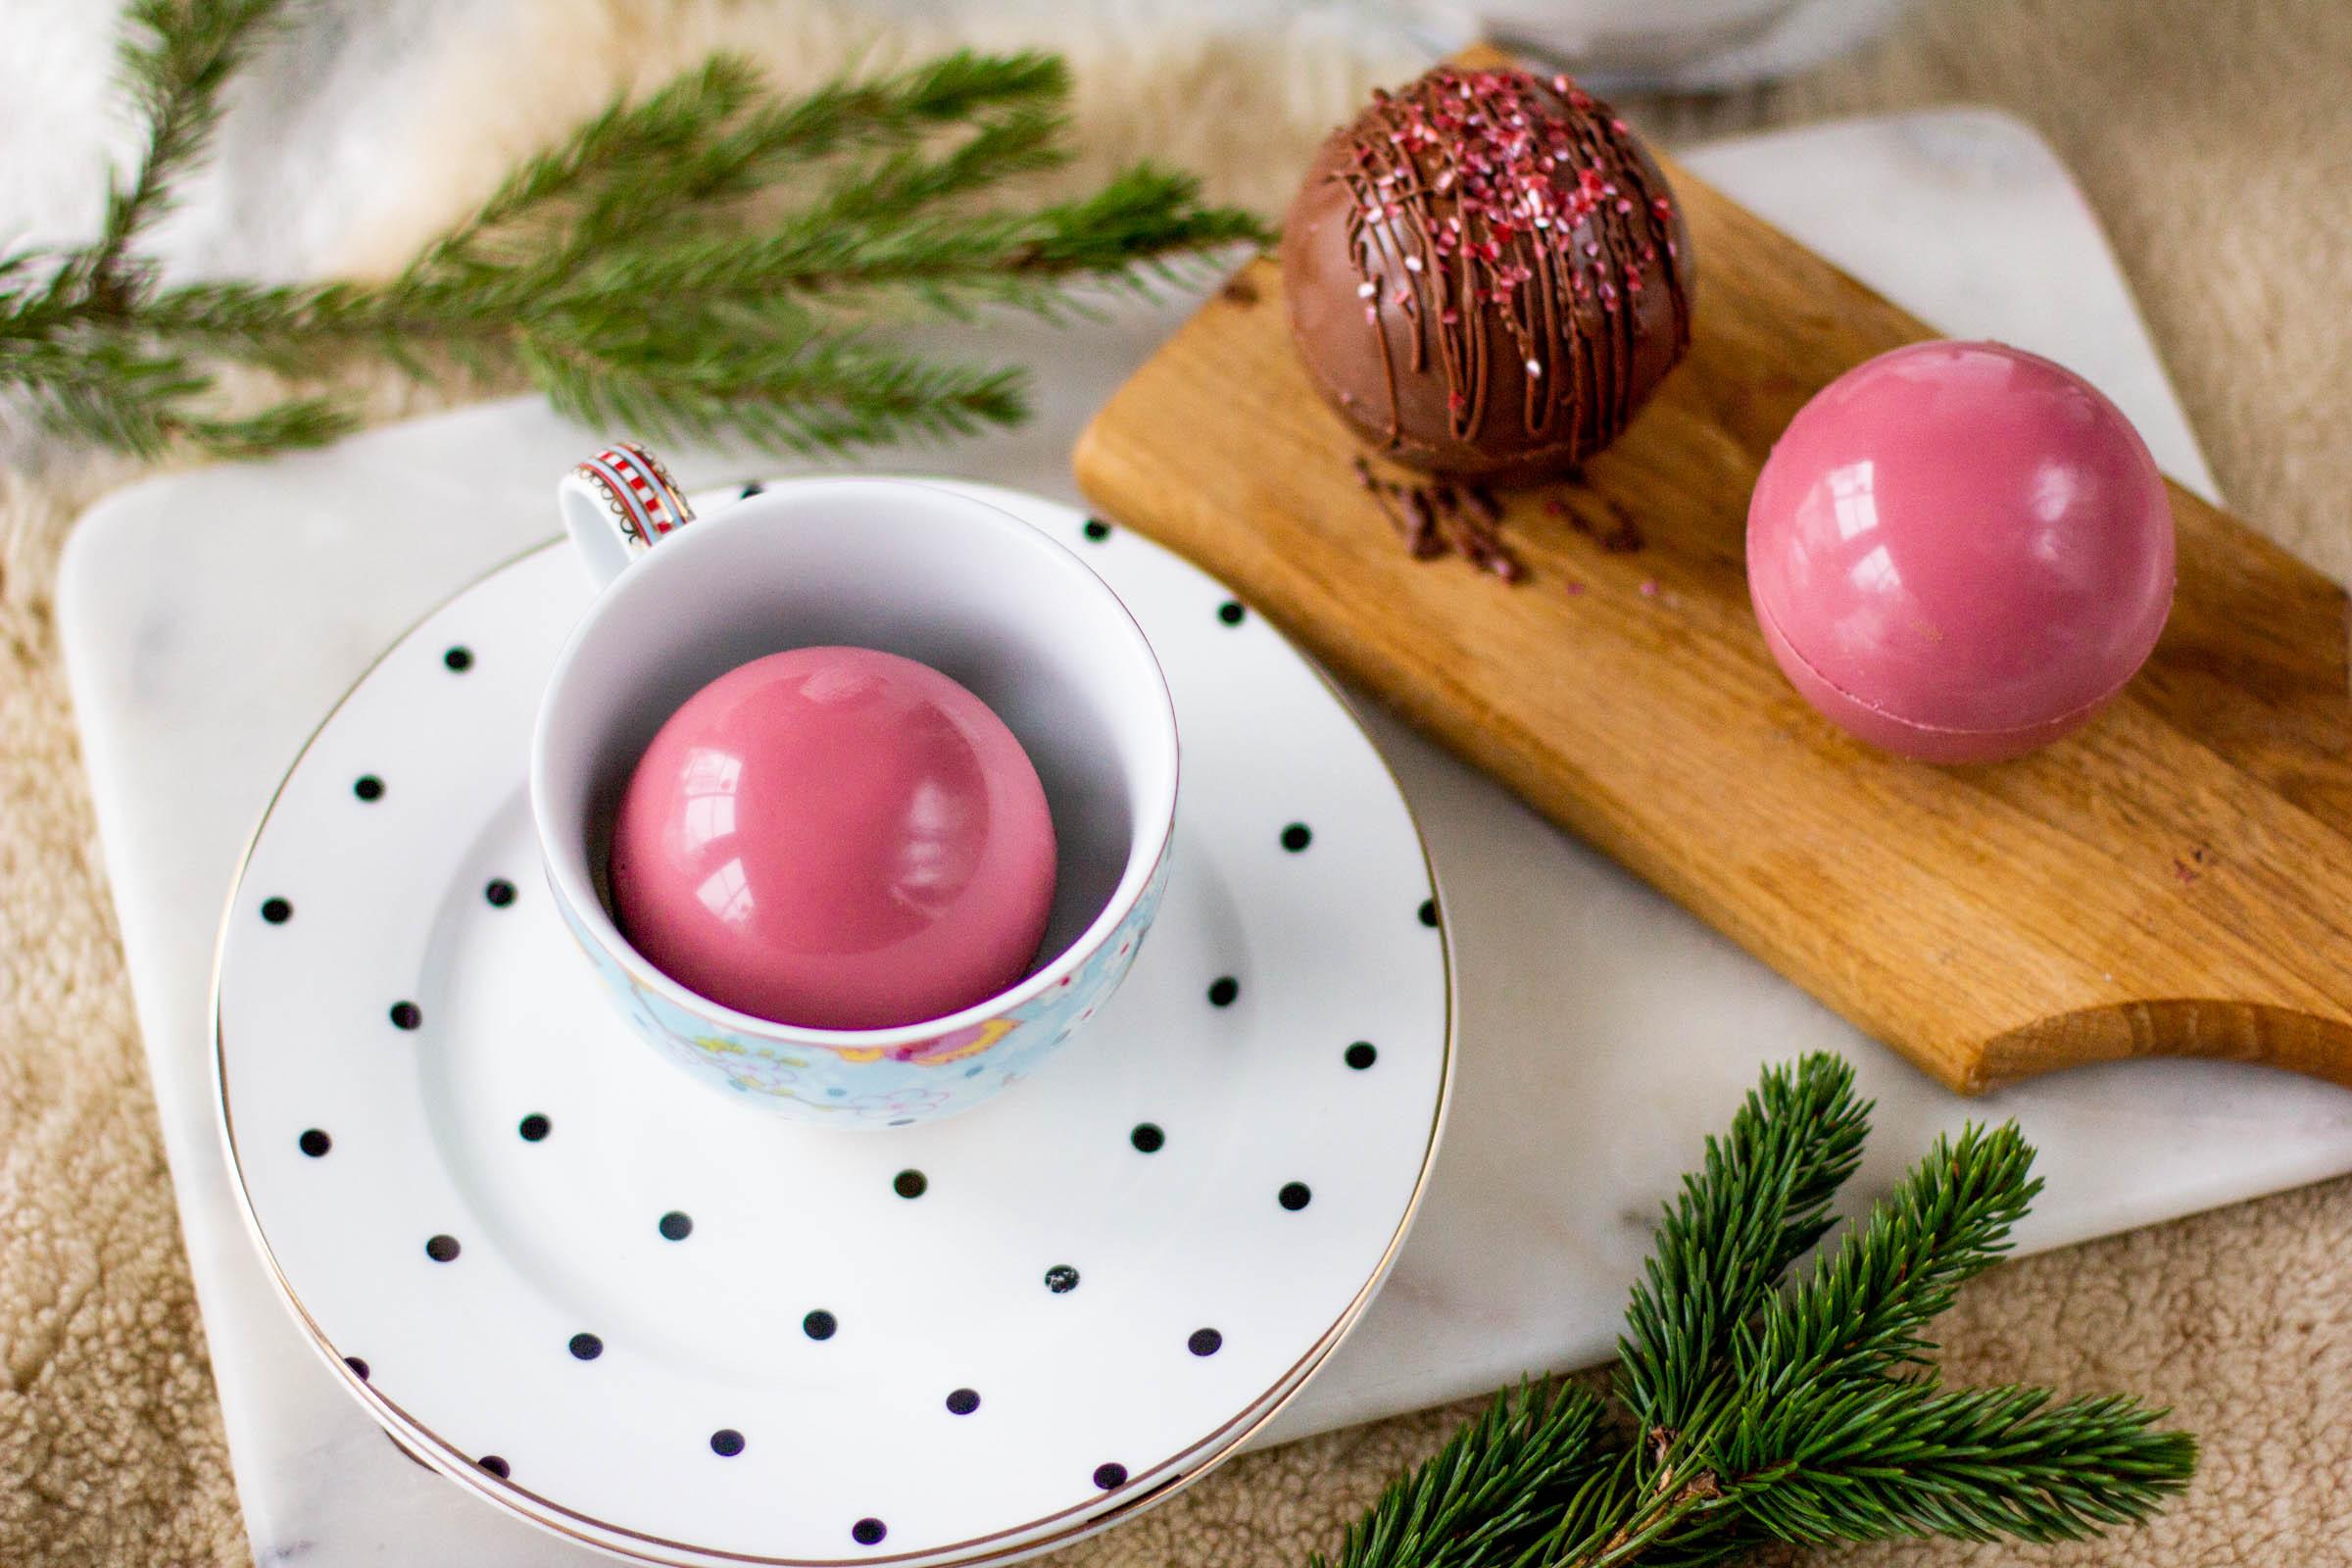 Kolme suklaista kaakaopalloa rubysuklaasta ja maitosuklaasta tehtynä.